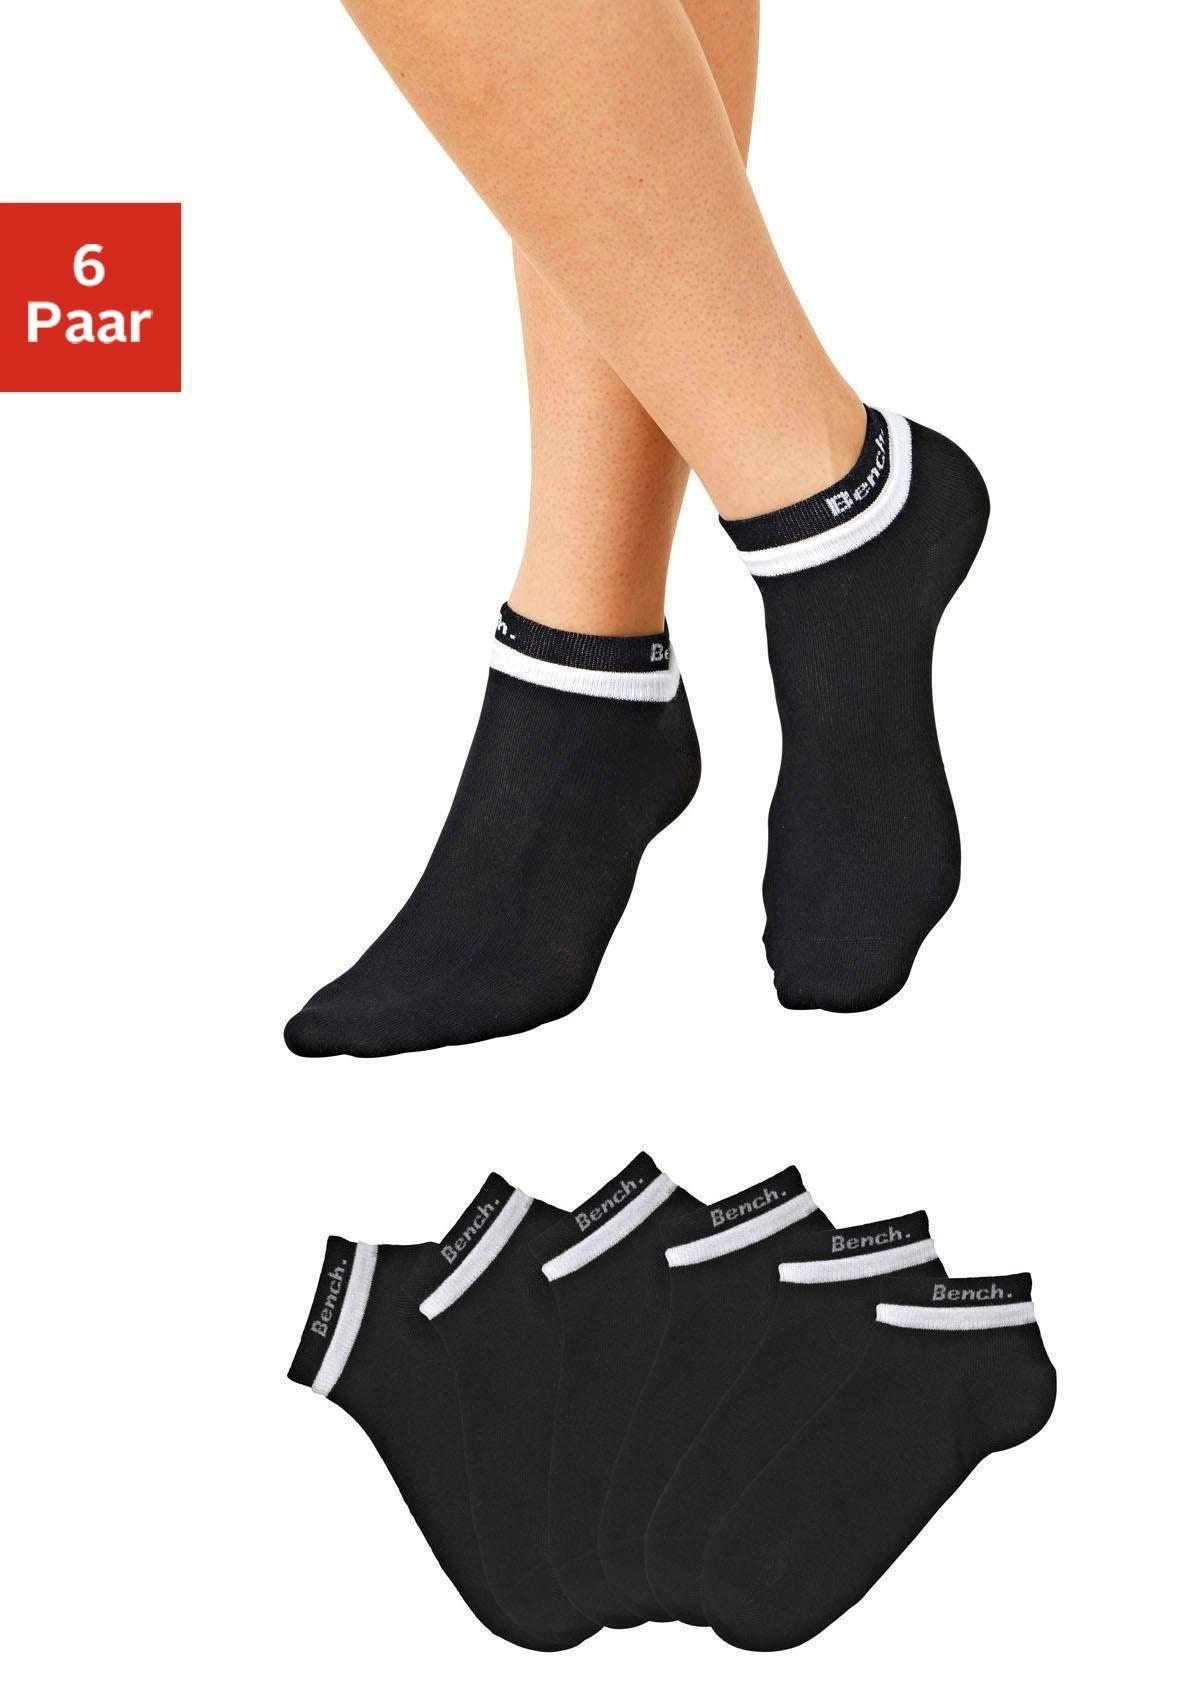 Bench. korte sokken (6 paar) met dubbel verwerkte boord online kopen op lascana.nl